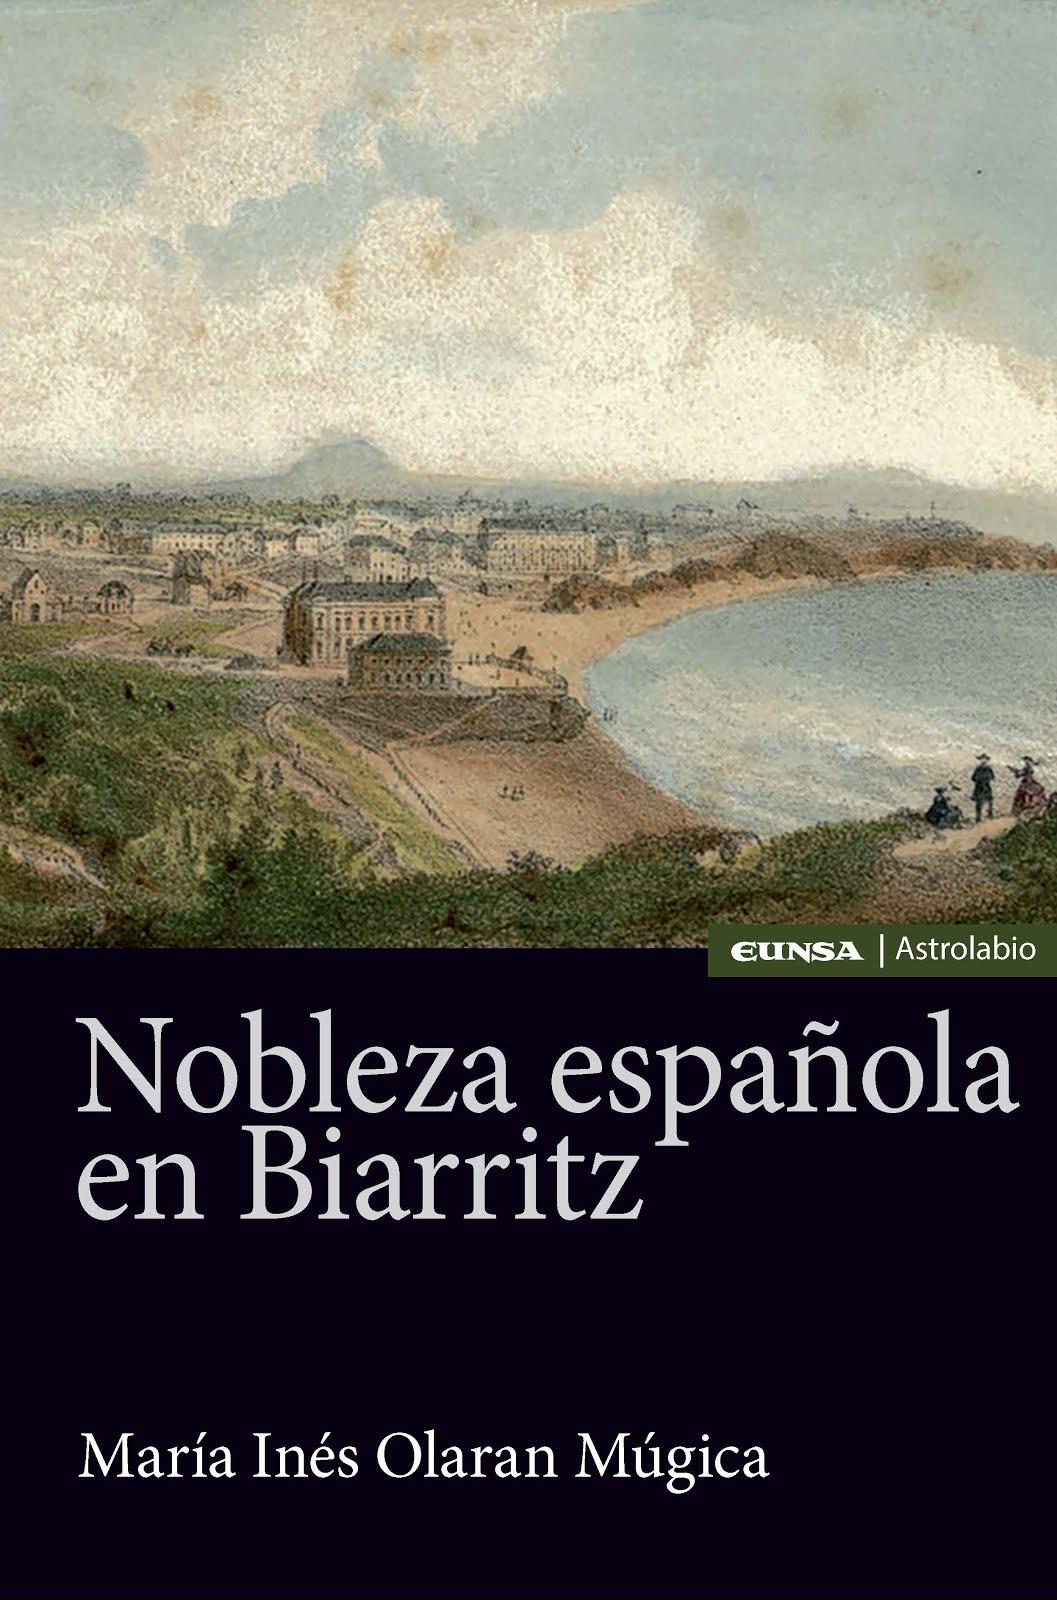 Nobleza española en Biarritz.